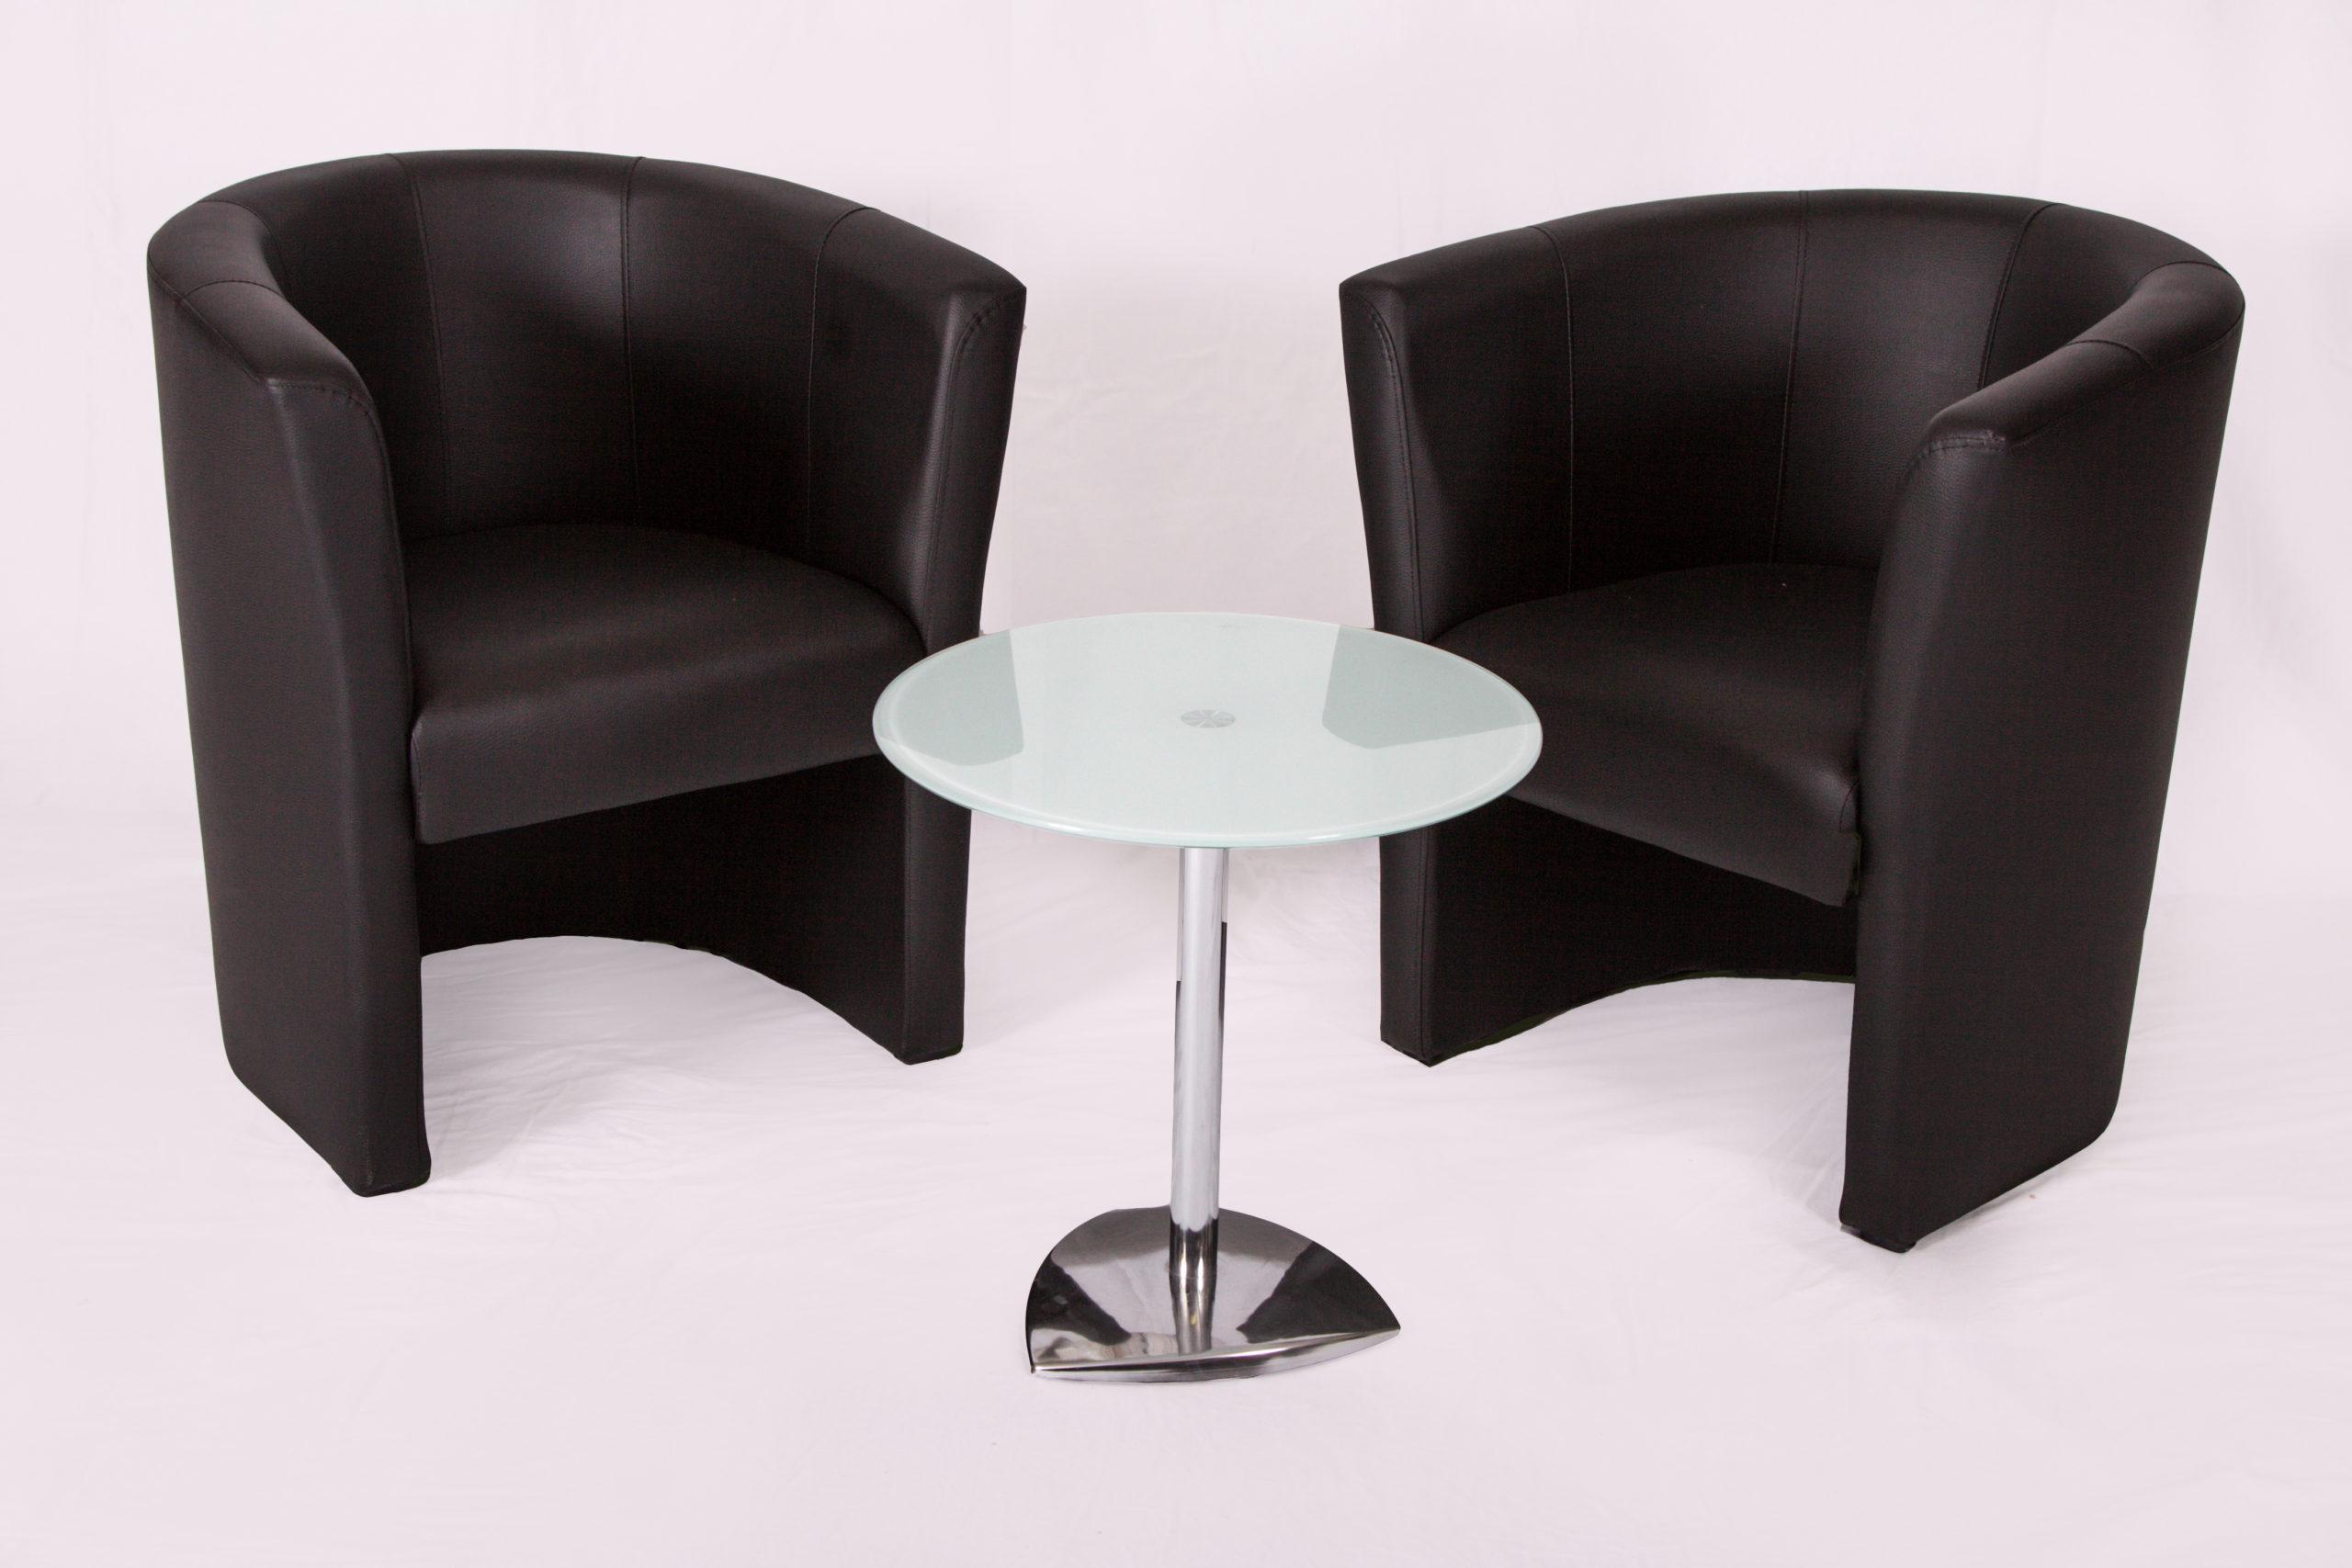 Loungegarnitur Loungesessel Loungetisch Glastisch Sessel schwarz